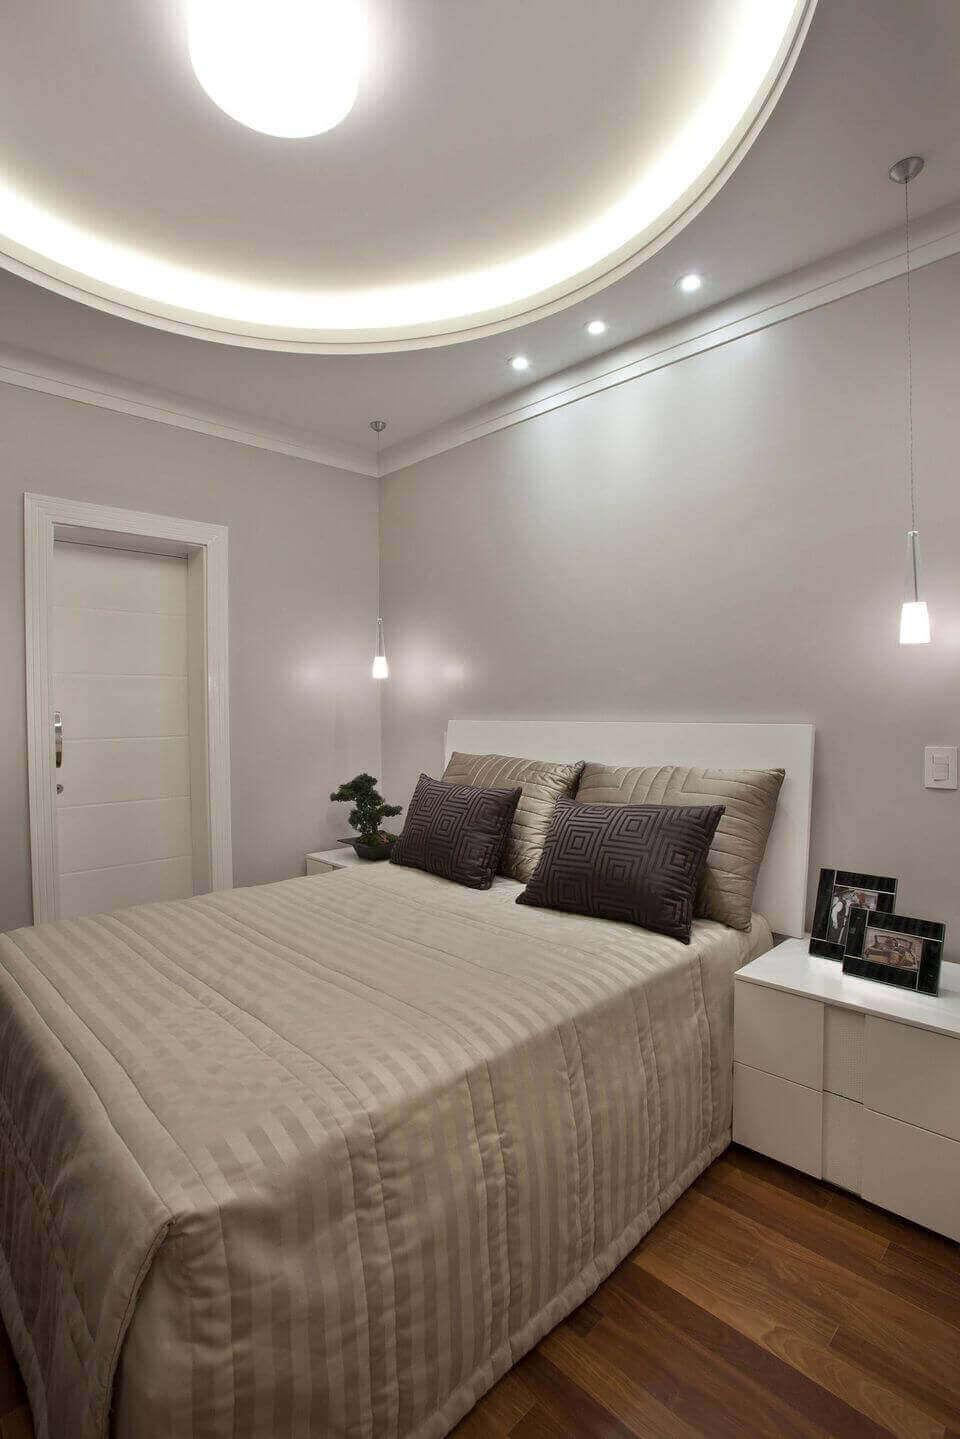 sanca de isopor - quarto de casal com sanca iluminada